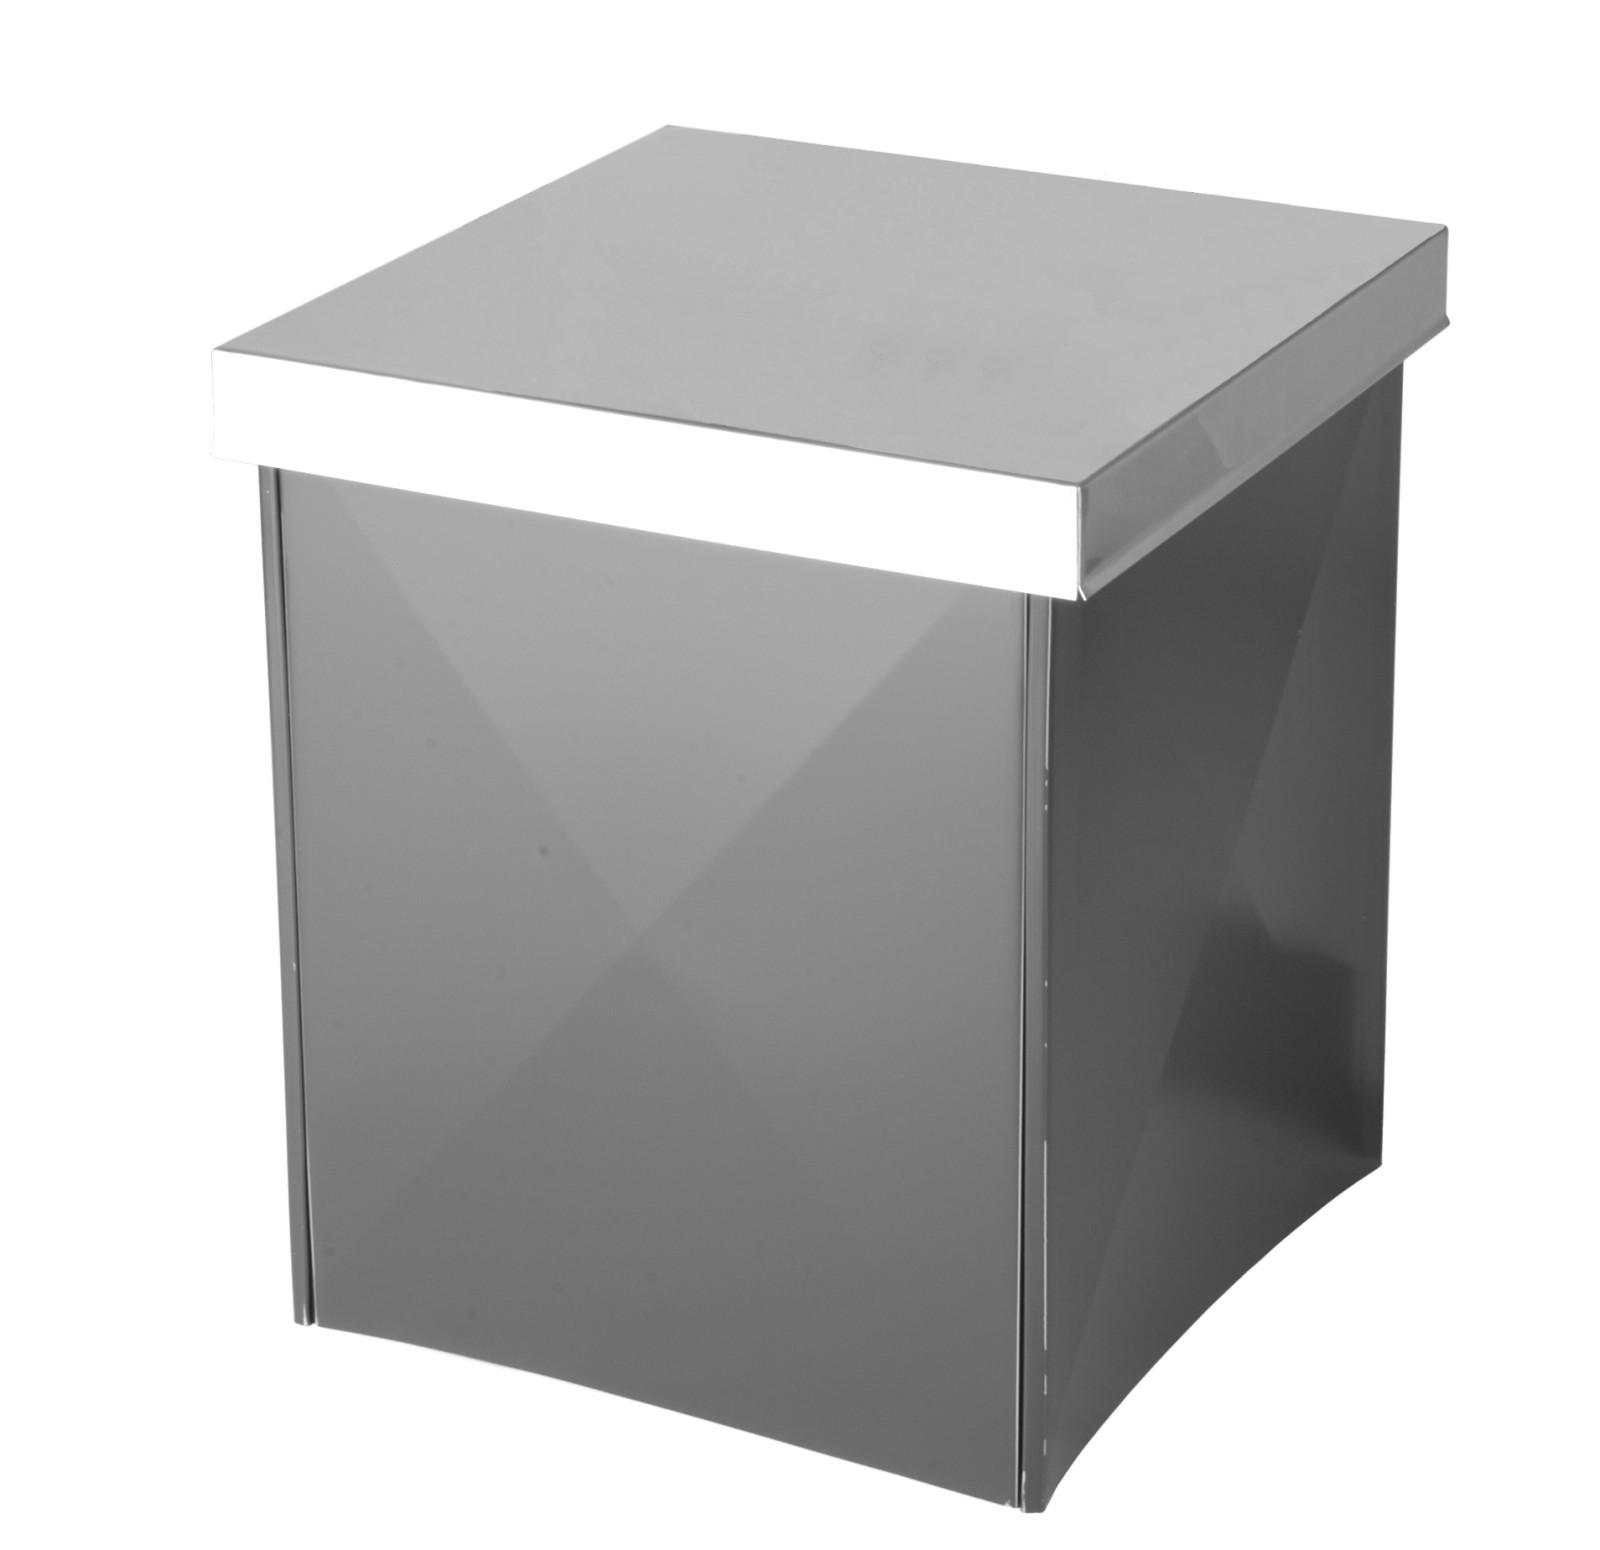 schornsteinverkleidung 1500 mm h he schornstein fachhandel. Black Bedroom Furniture Sets. Home Design Ideas